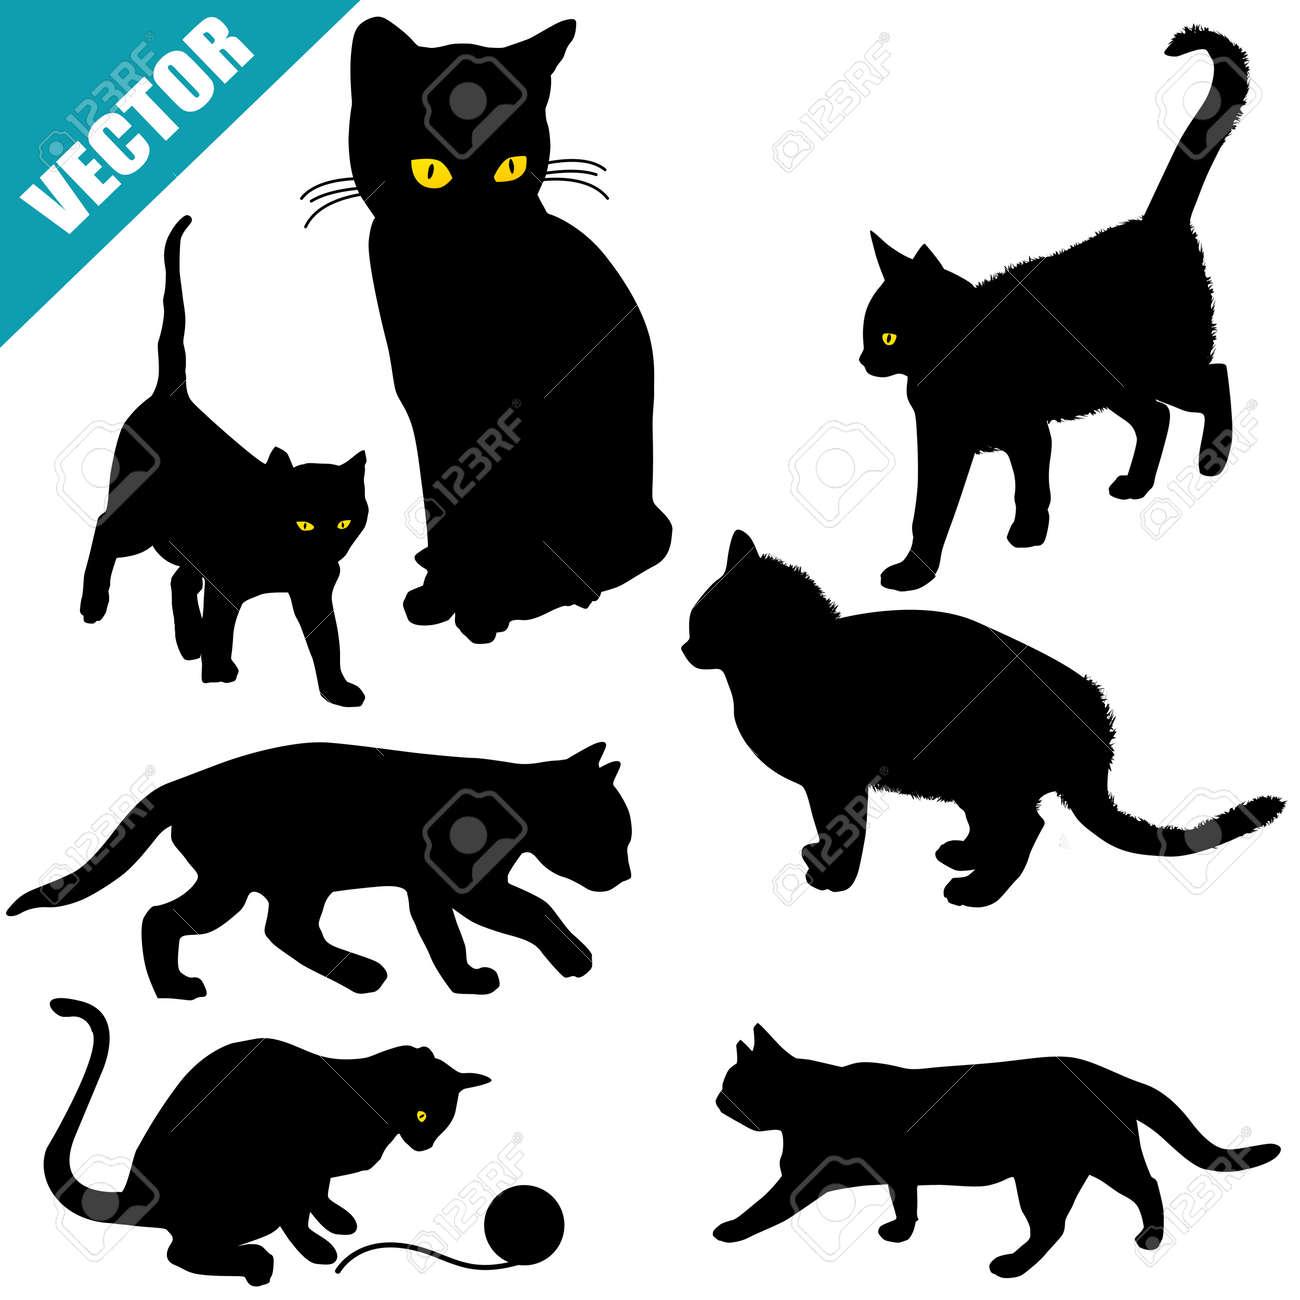 silueta de gato negro Siluetas de los gatos en el fondo blanco, ilustración vectorial